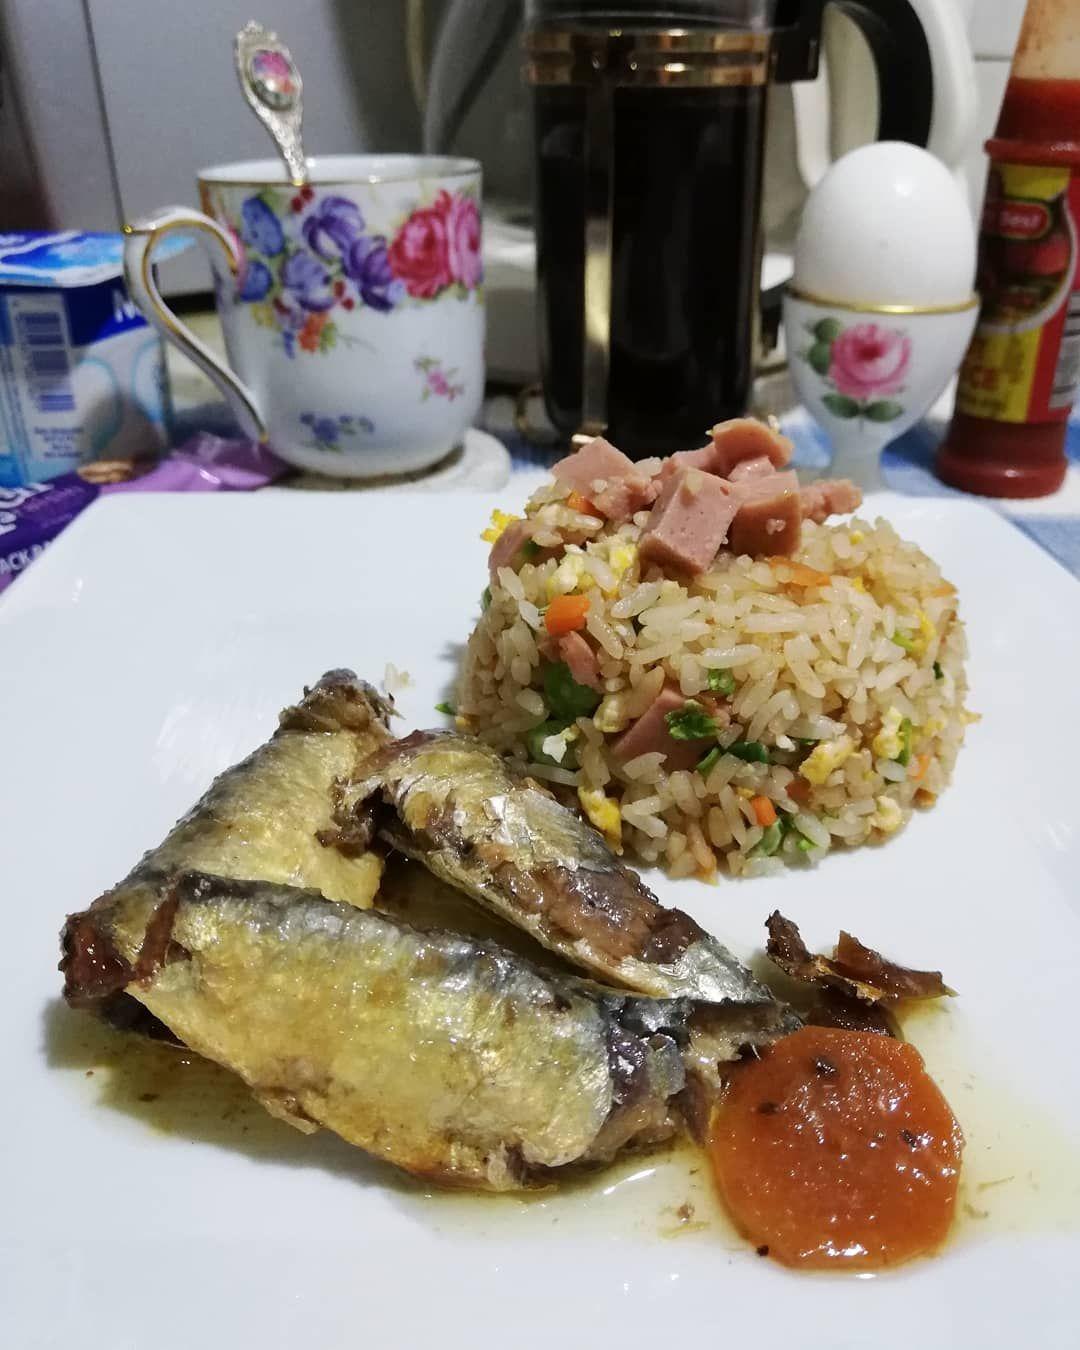 Simple brekkie - spanish sardines in OO and fried rice! ...#breakfast#sardines#foodstagran#foodporn#foodpornography